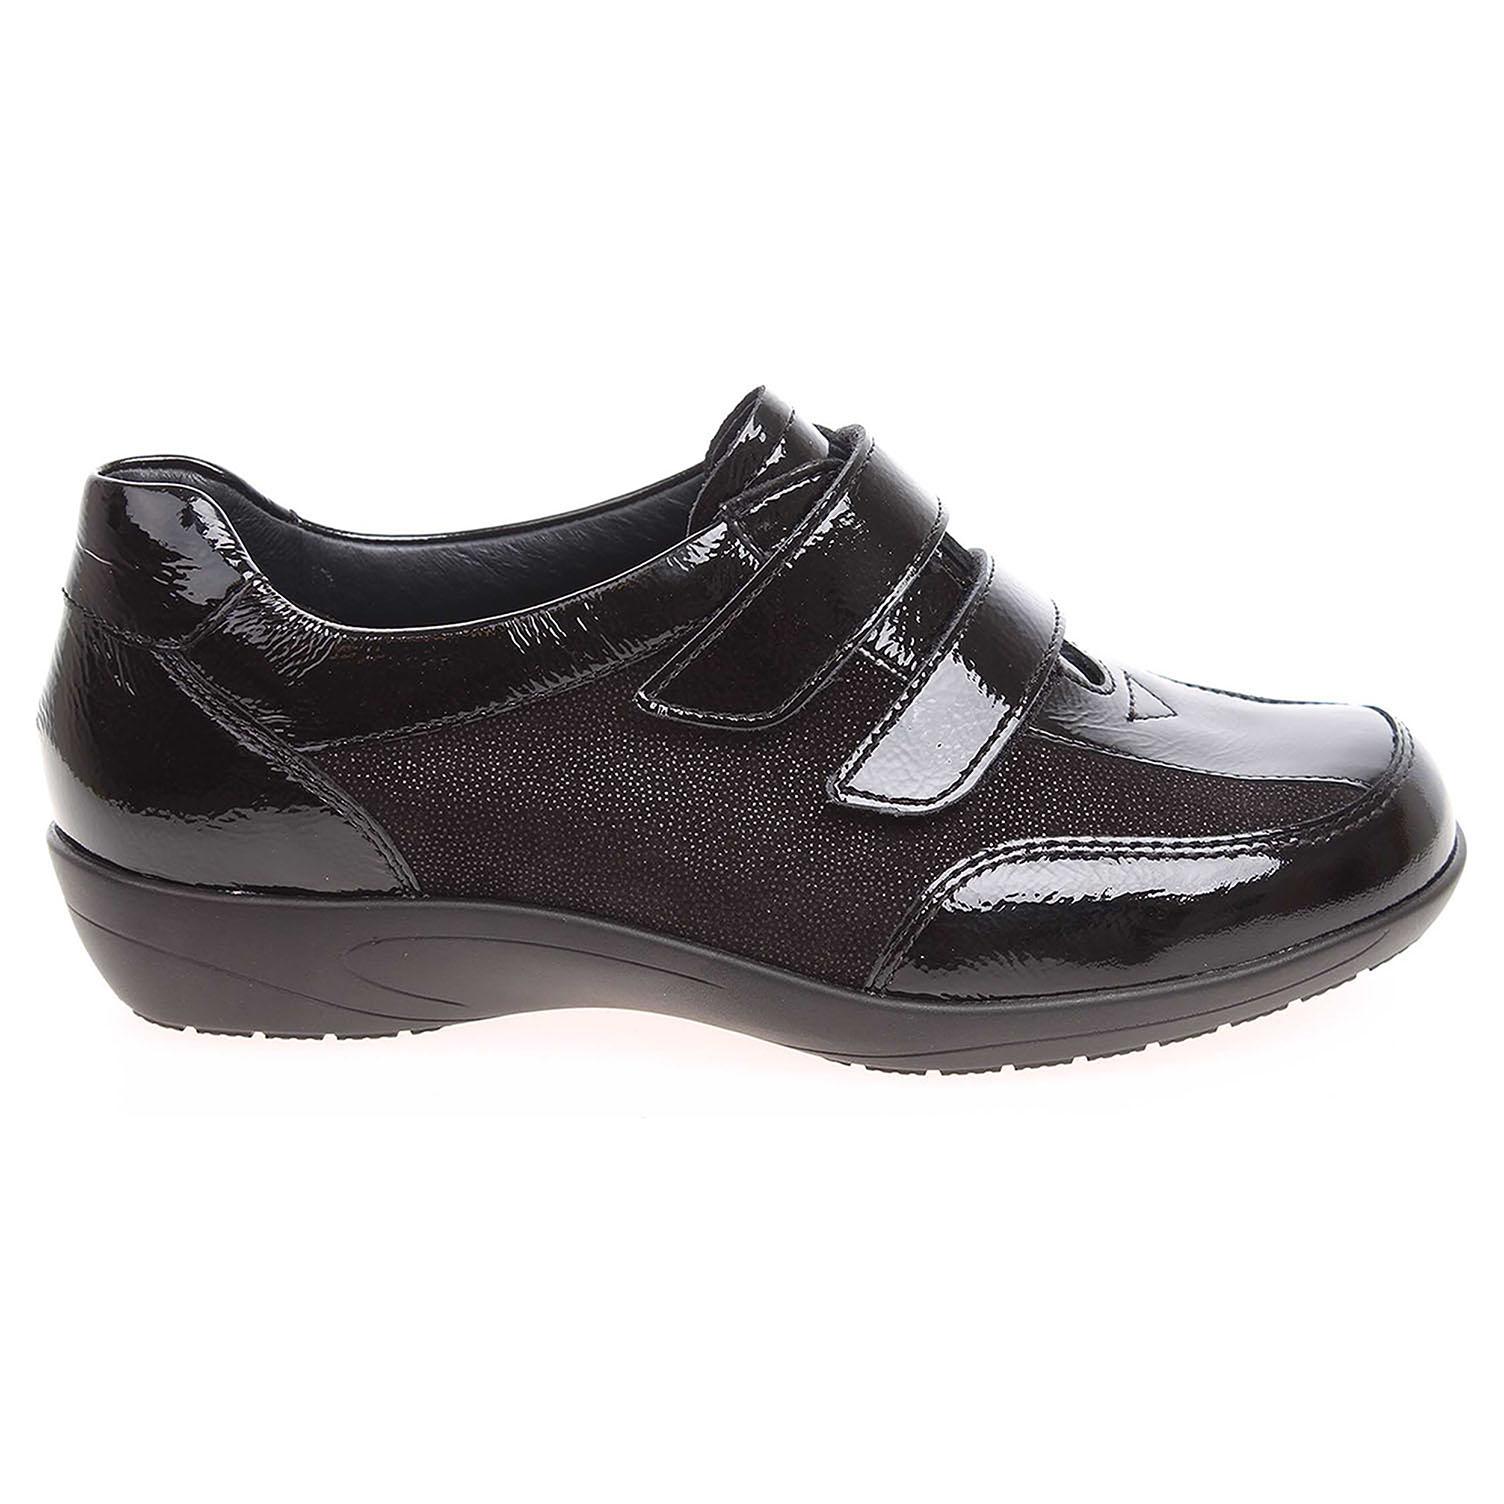 Ara dámská obuv 47579-05 černé 38